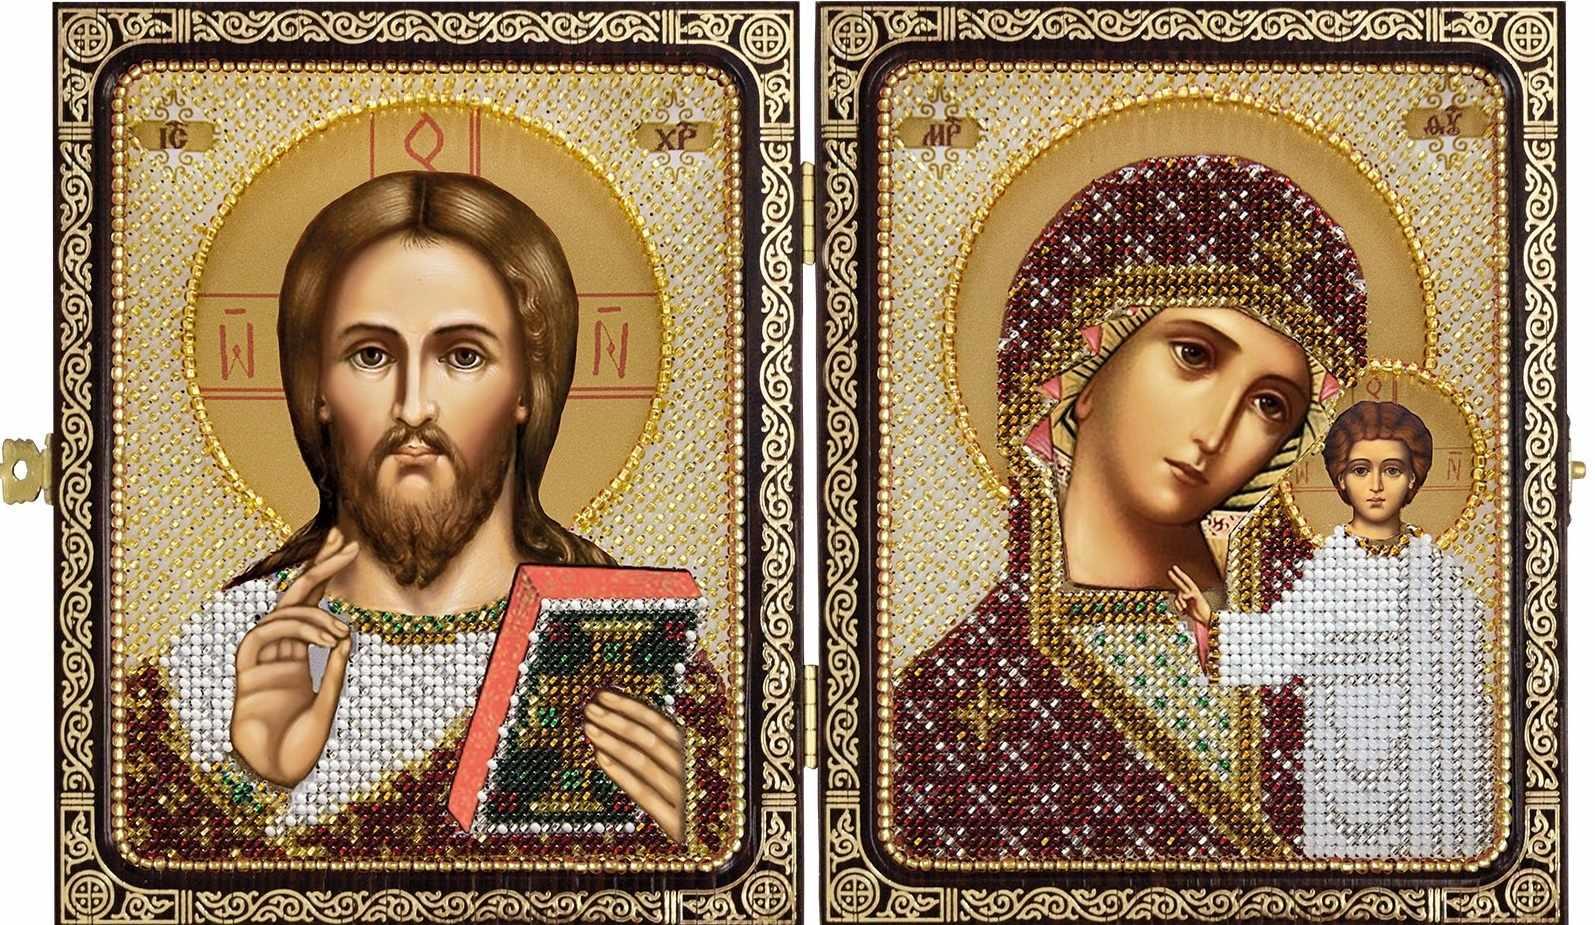 СЕ 7200 Христос Спаситель и Пресв.Богородица Казанская